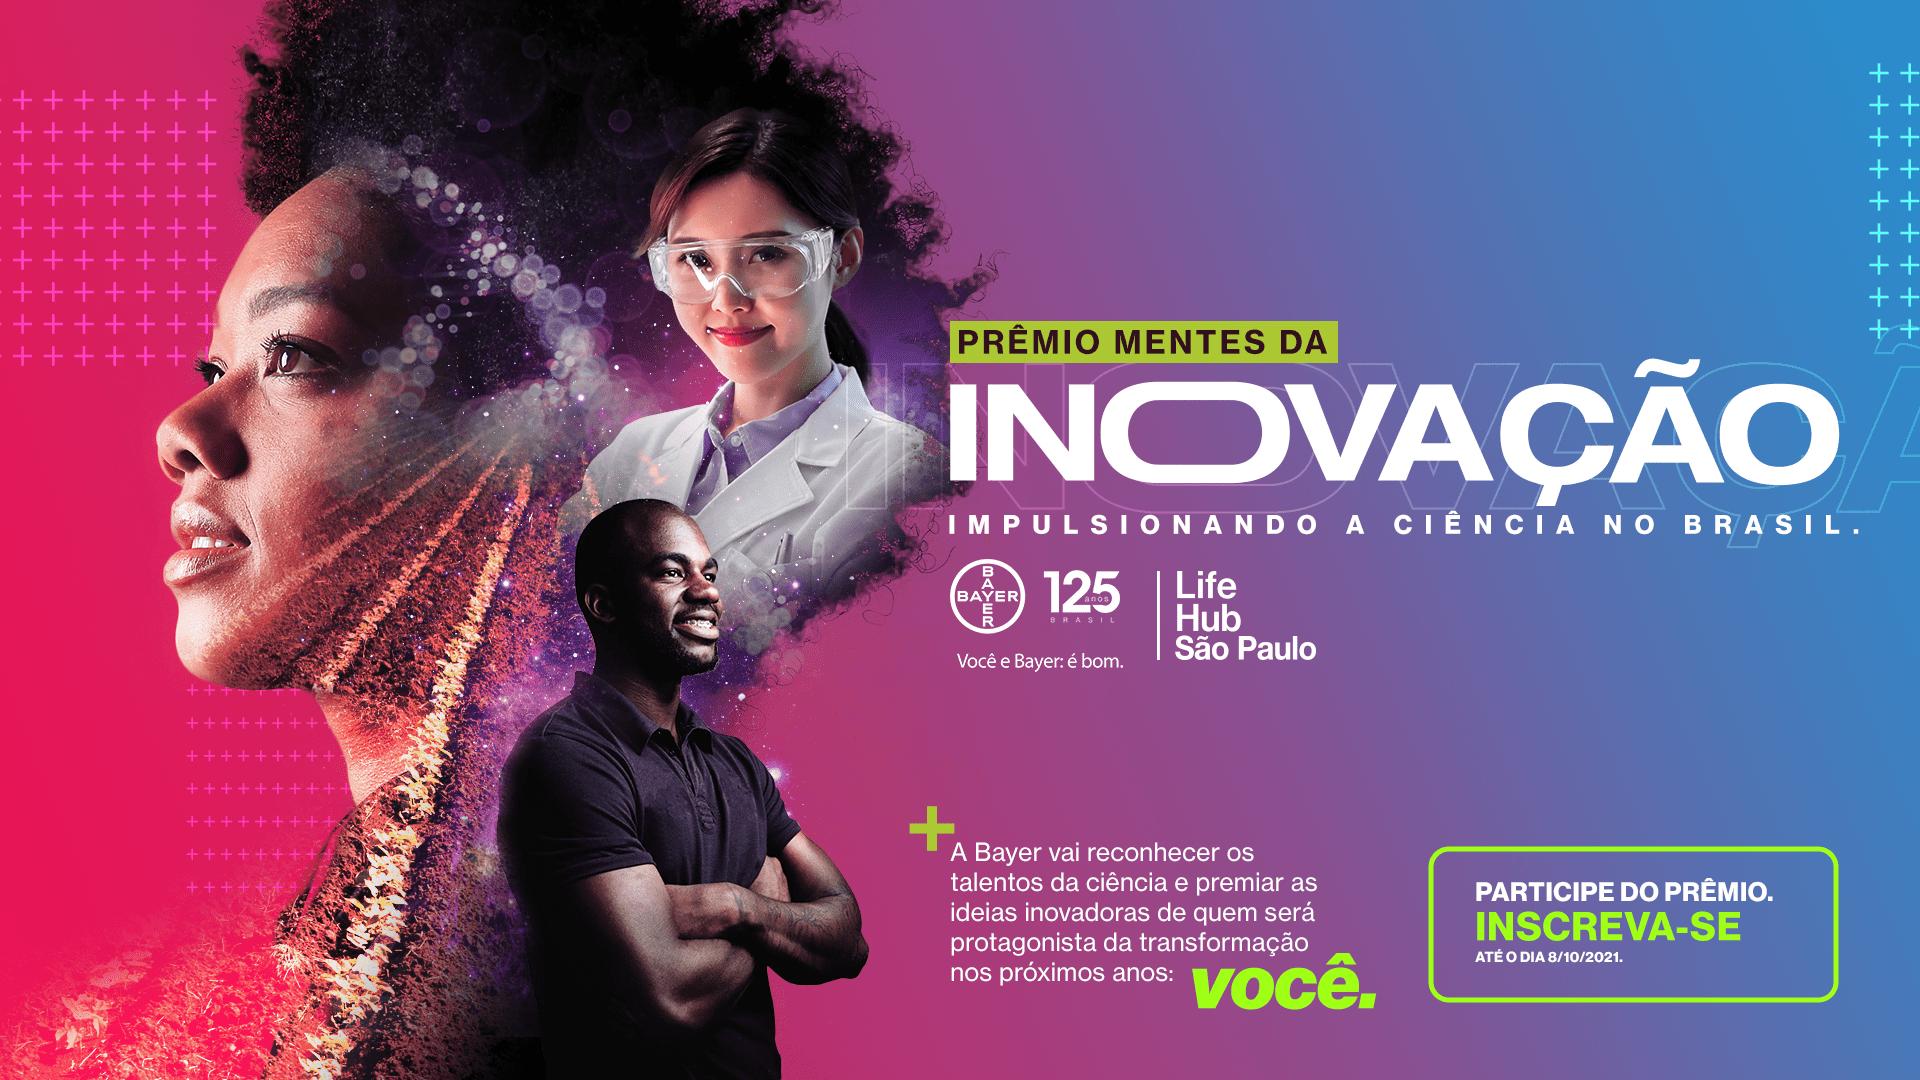 MRM Brasil cria campanha para Prêmio Mentes da Inovação, da Bayer